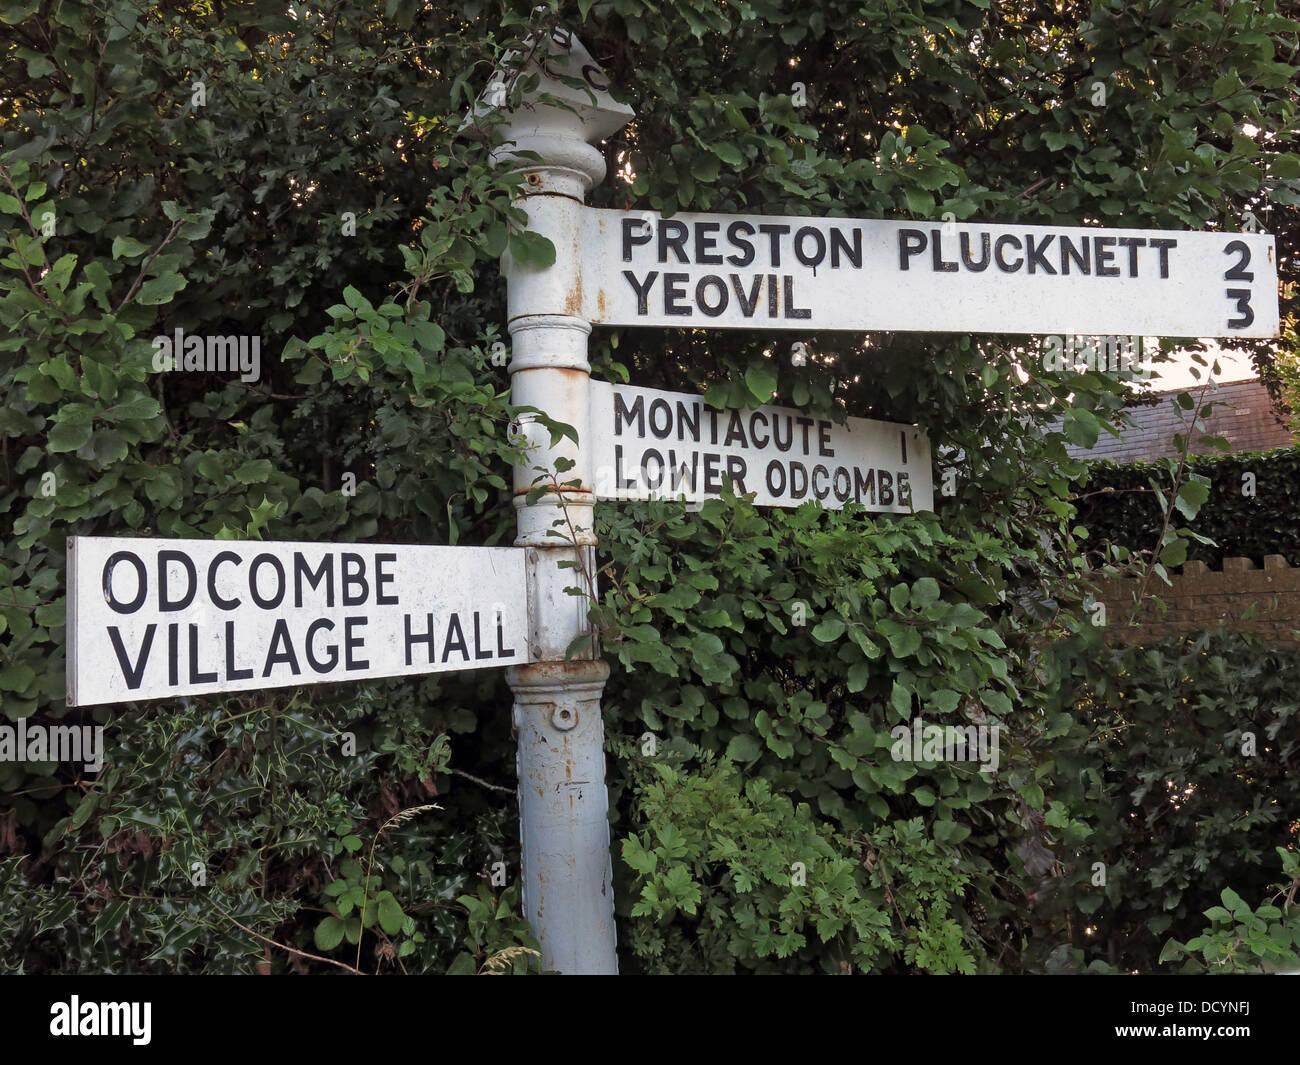 Laden Sie dieses Alamy Stockfoto Fingerpost unterzeichnen, odcombe Village Hall, Preston Plucknet, Yeovil, Montecute, untere Odcombe, Somerset, South West England - DCYNFJ